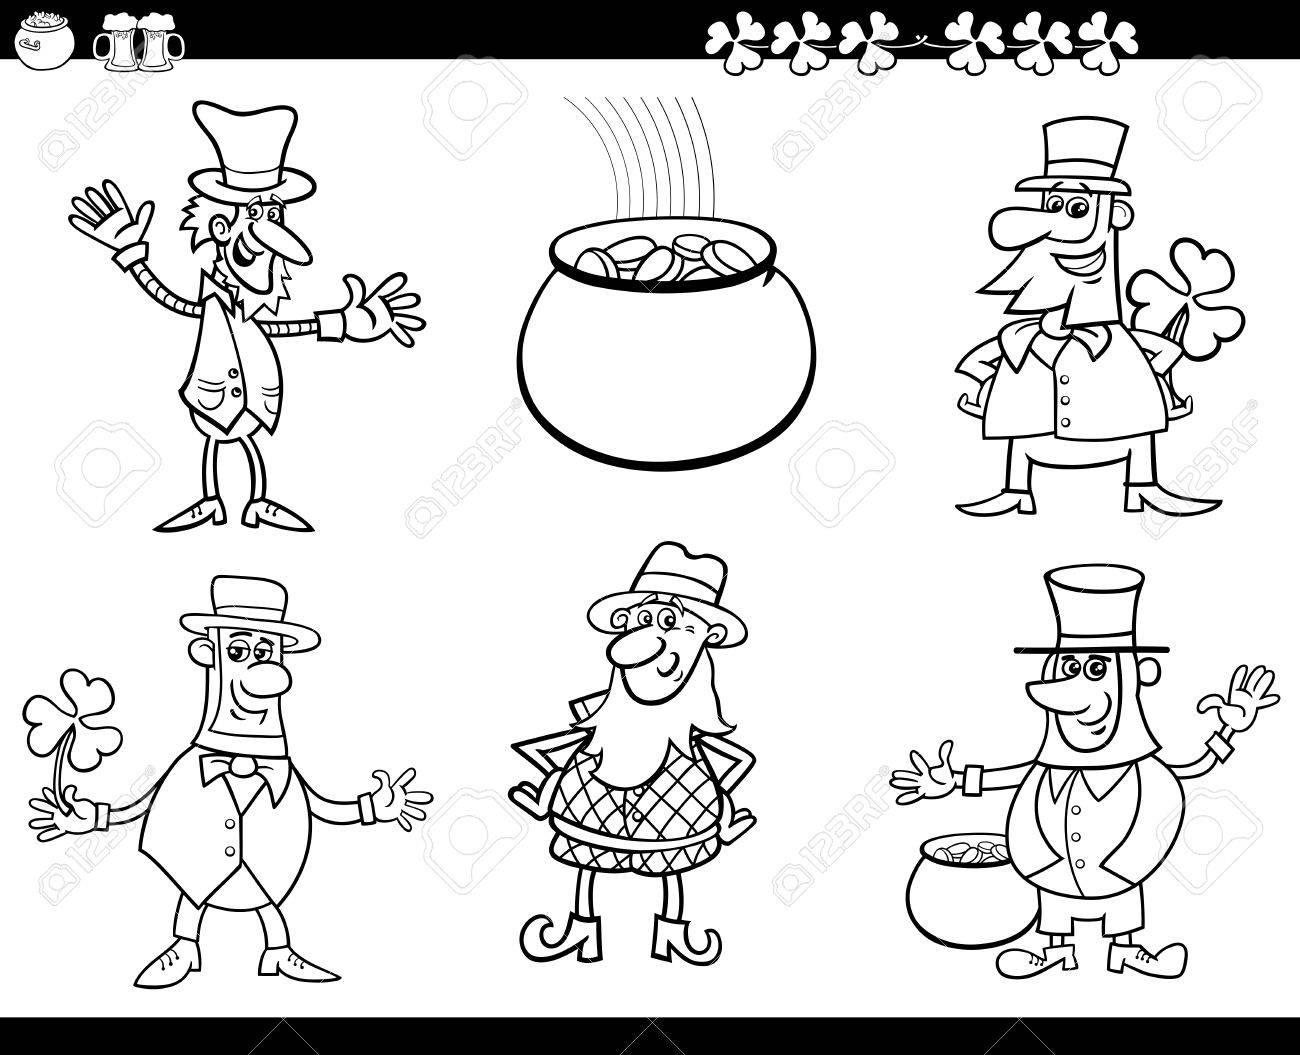 Ausgezeichnet Leprechaun Malvorlagen St. Patricks Day Ideen - Entry ...